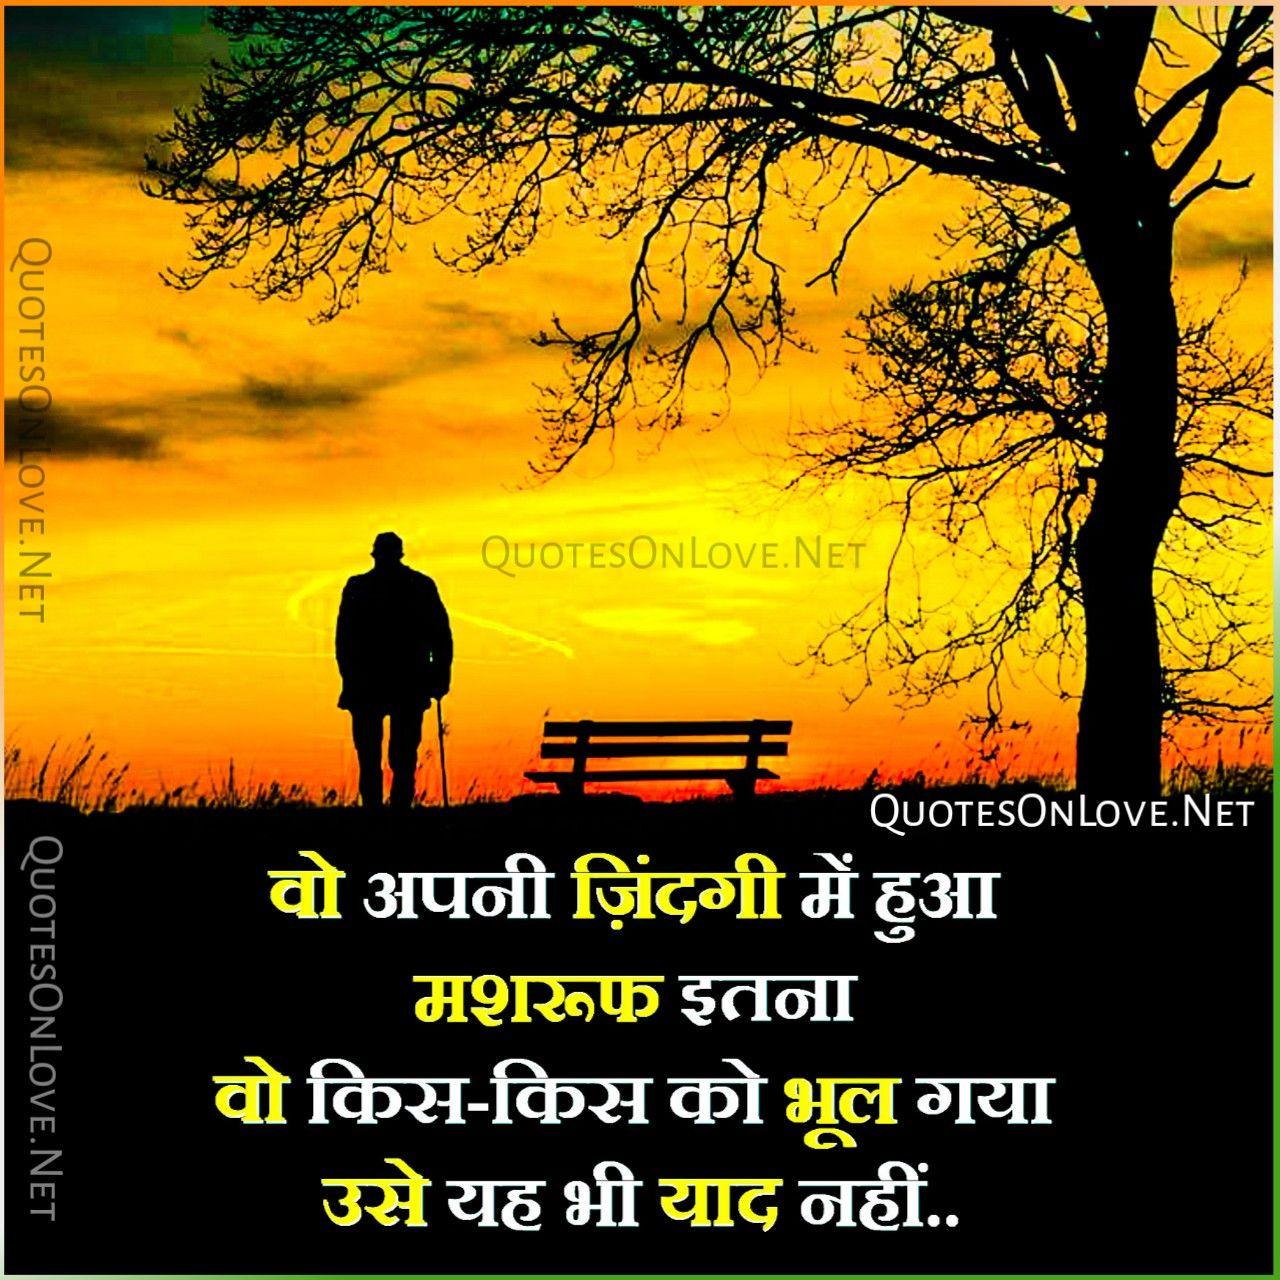 Emotional Love Hindi Shayari Love quotes, Emotions, Quotes